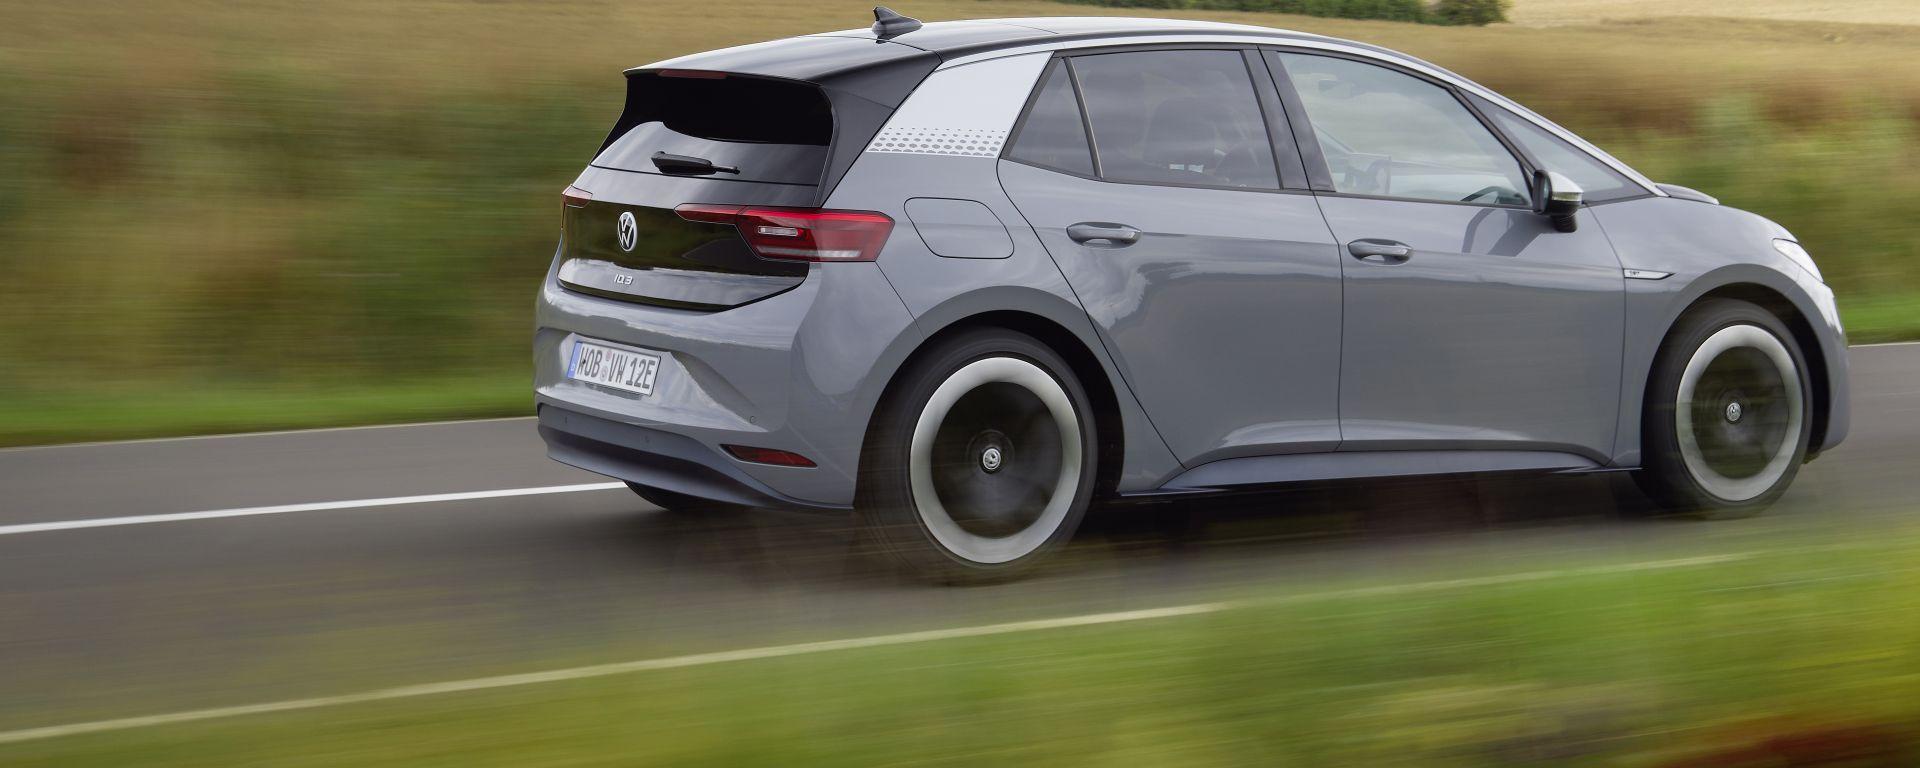 Volkswagen ID.3 più di 500 km con una sola ricarica